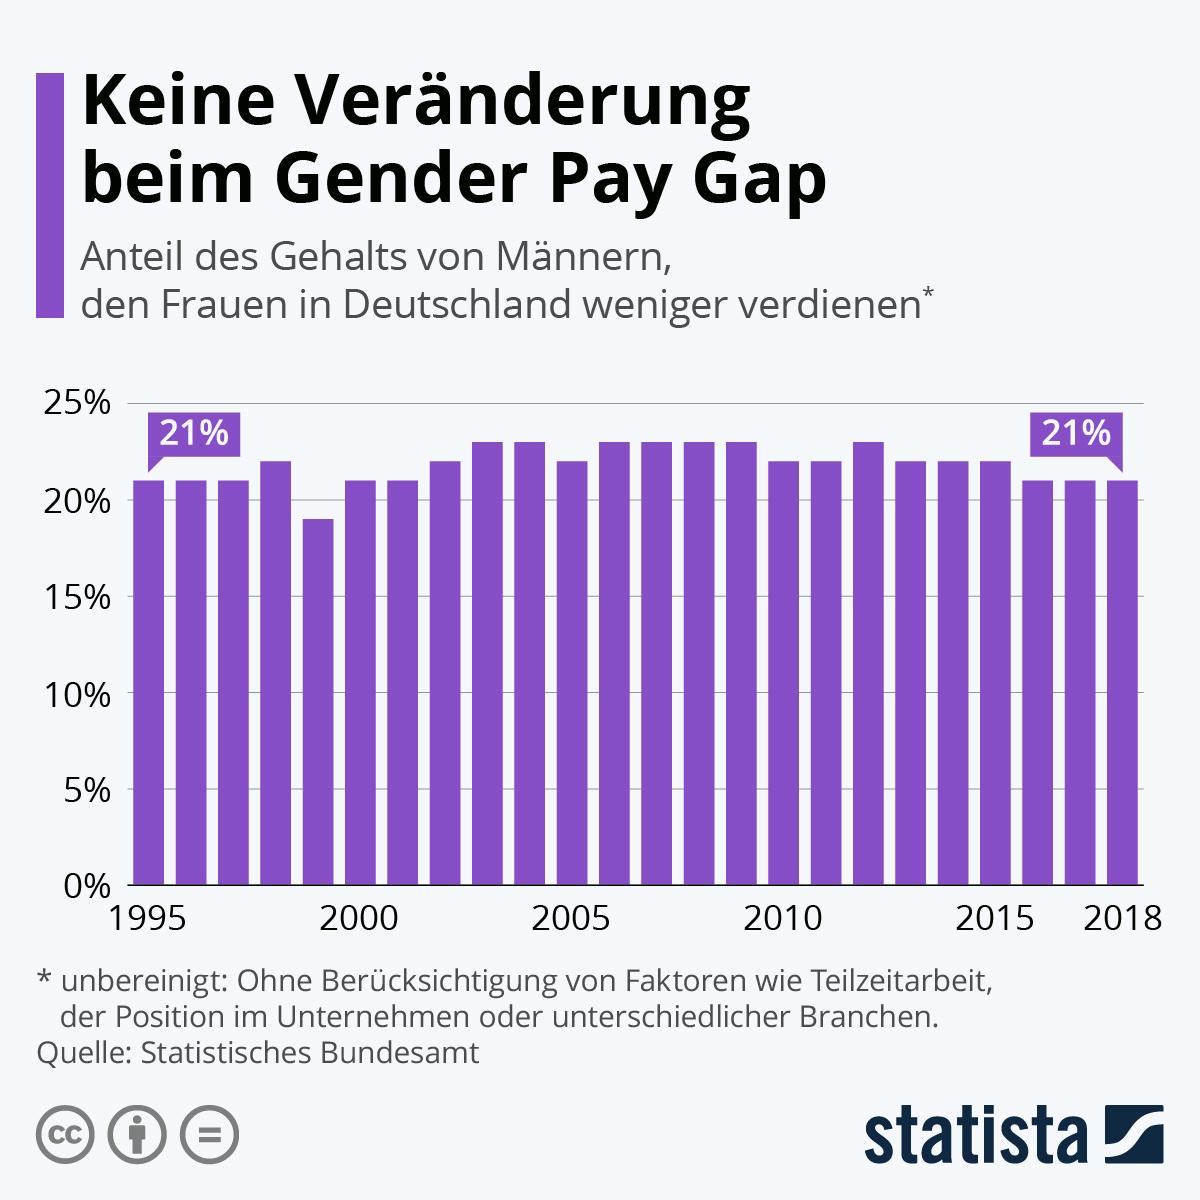 Keine Veränderung beim Gender Pay Gap | Statista